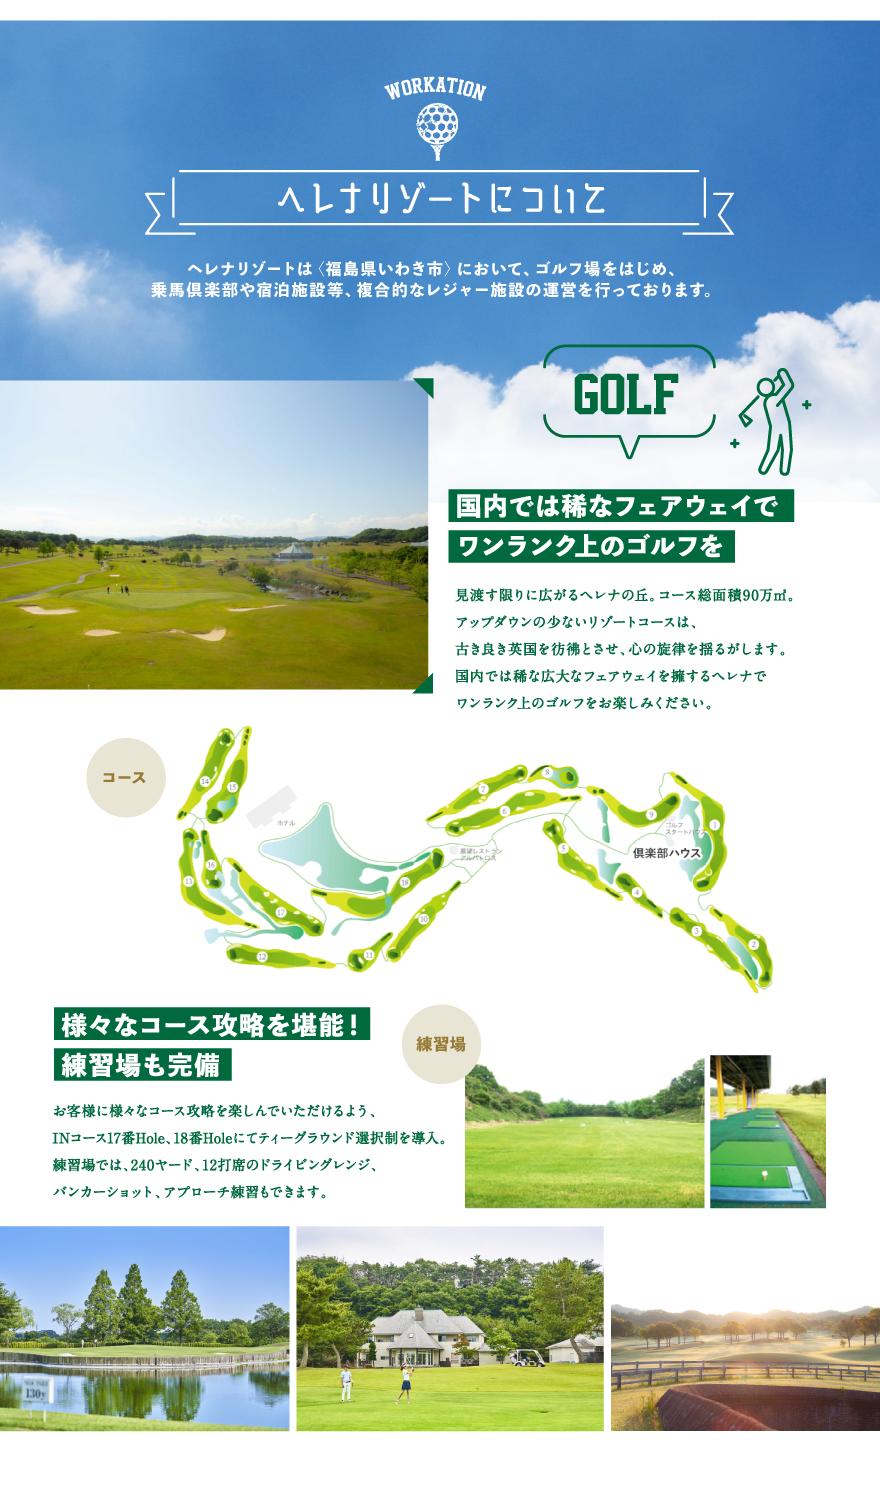 ゴルフ+ワーケーション=仕事効率アップ!